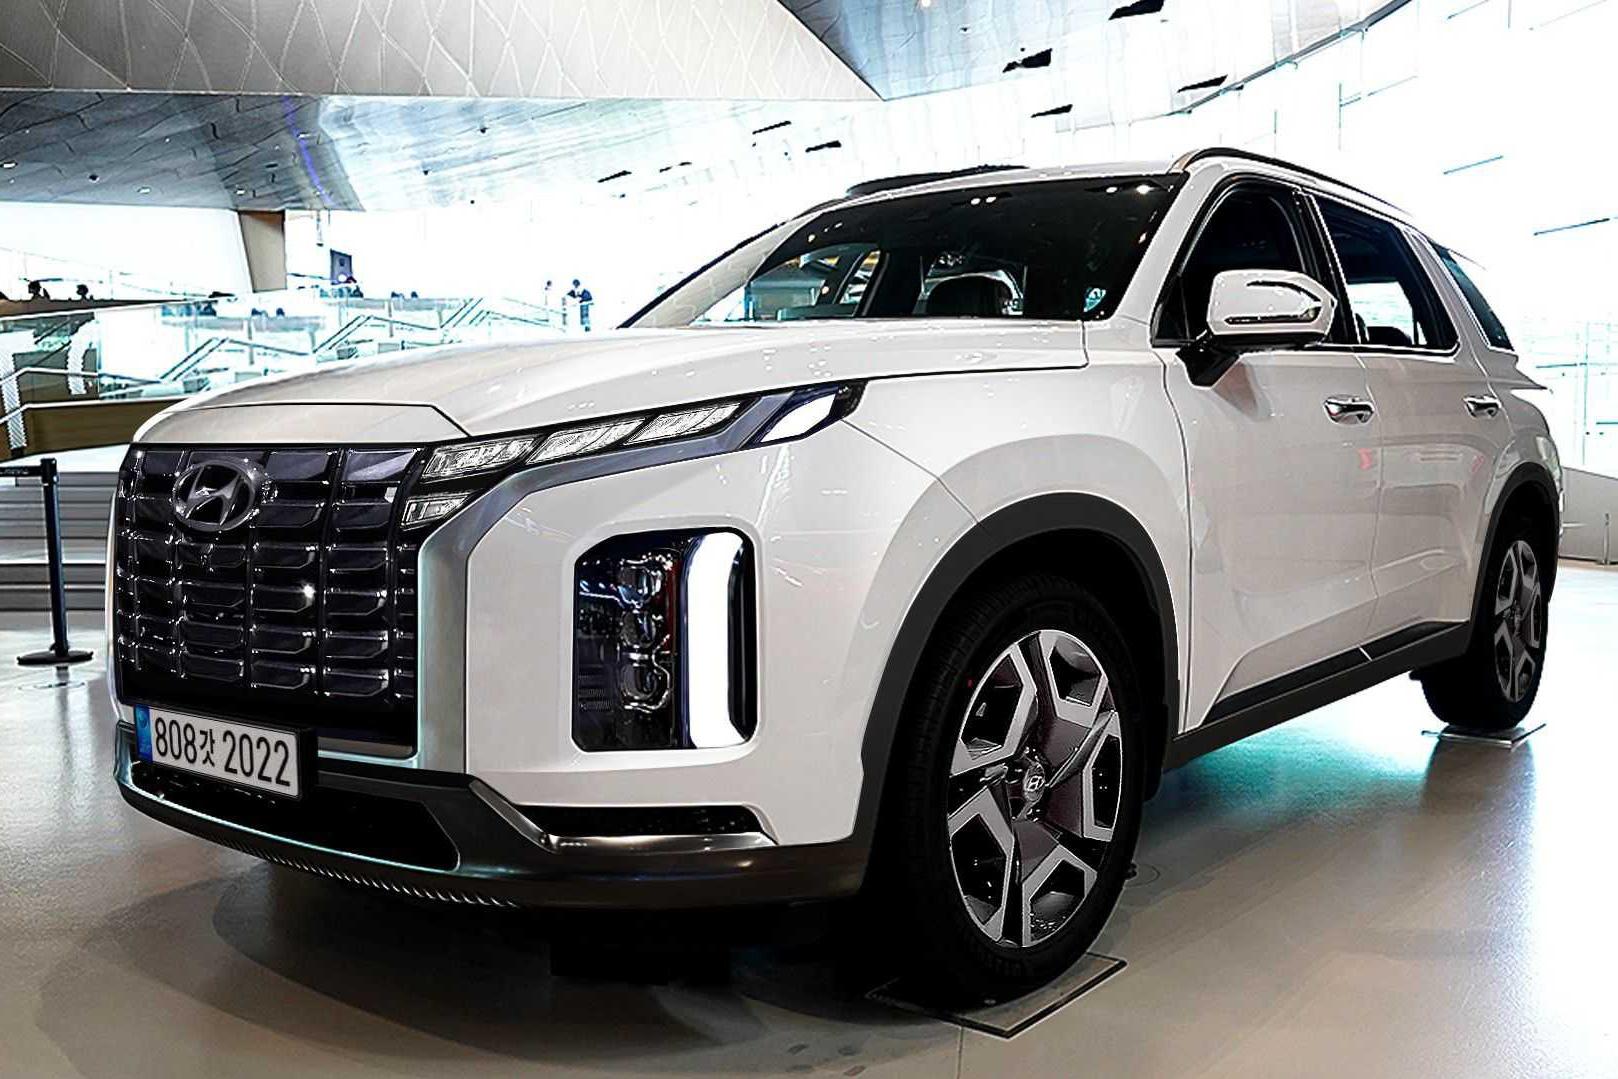 Phác họa thiết kế Hyundai Palisade 2022 sắp ra mắt: Đẹp hơn, xứng tầm đối thủ Kia Telluride và Ford Explorer